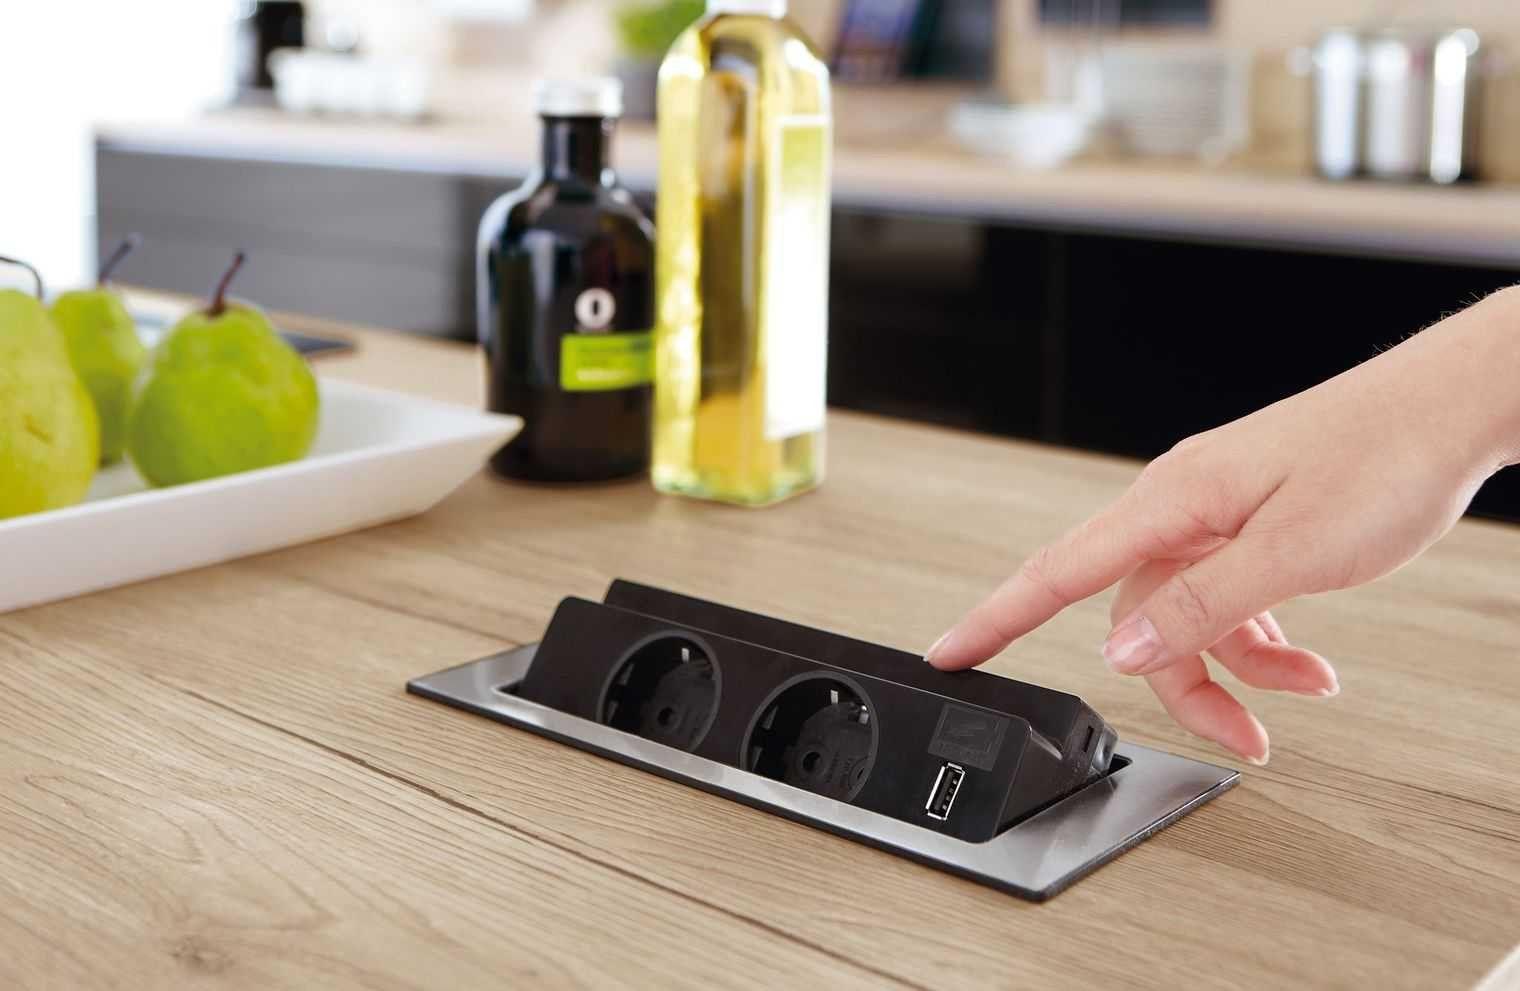 Prise Electrique Encastrable Plan De Travail Cuisine Design De Maison Enchanteur Prise Encastrable Plan De Travail Cuisine Et Bloc Avec 1520 X 991 Pixels Cuisine Ilot Cuisine Plan De Travail Cuisine